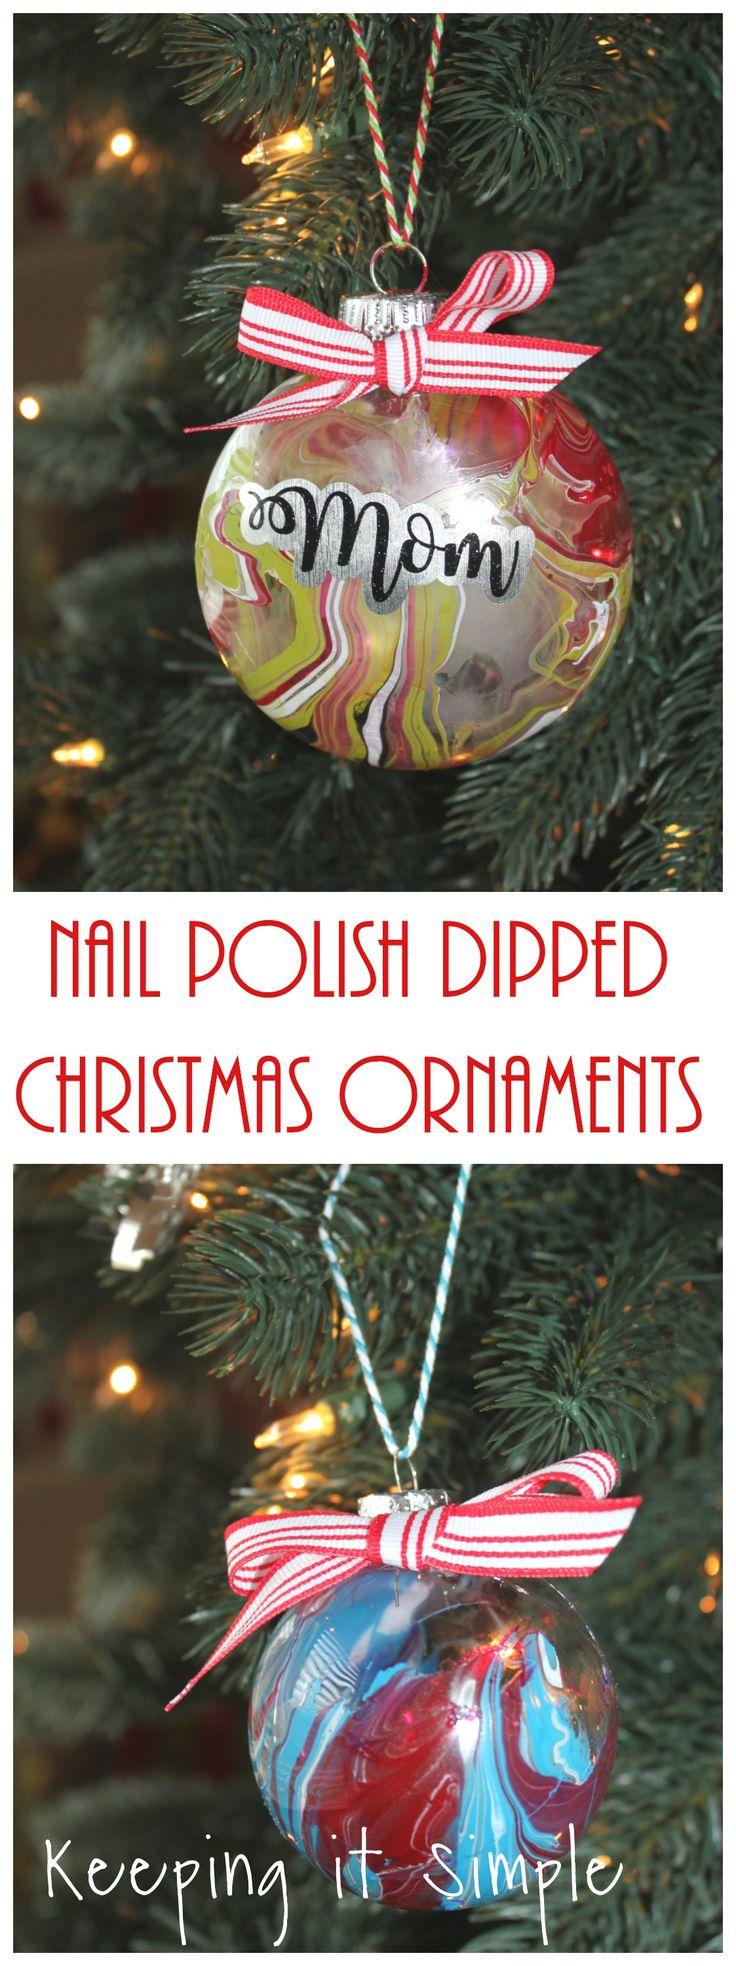 Nail Polish Dipped Christmas Ornaments Christmas ornaments